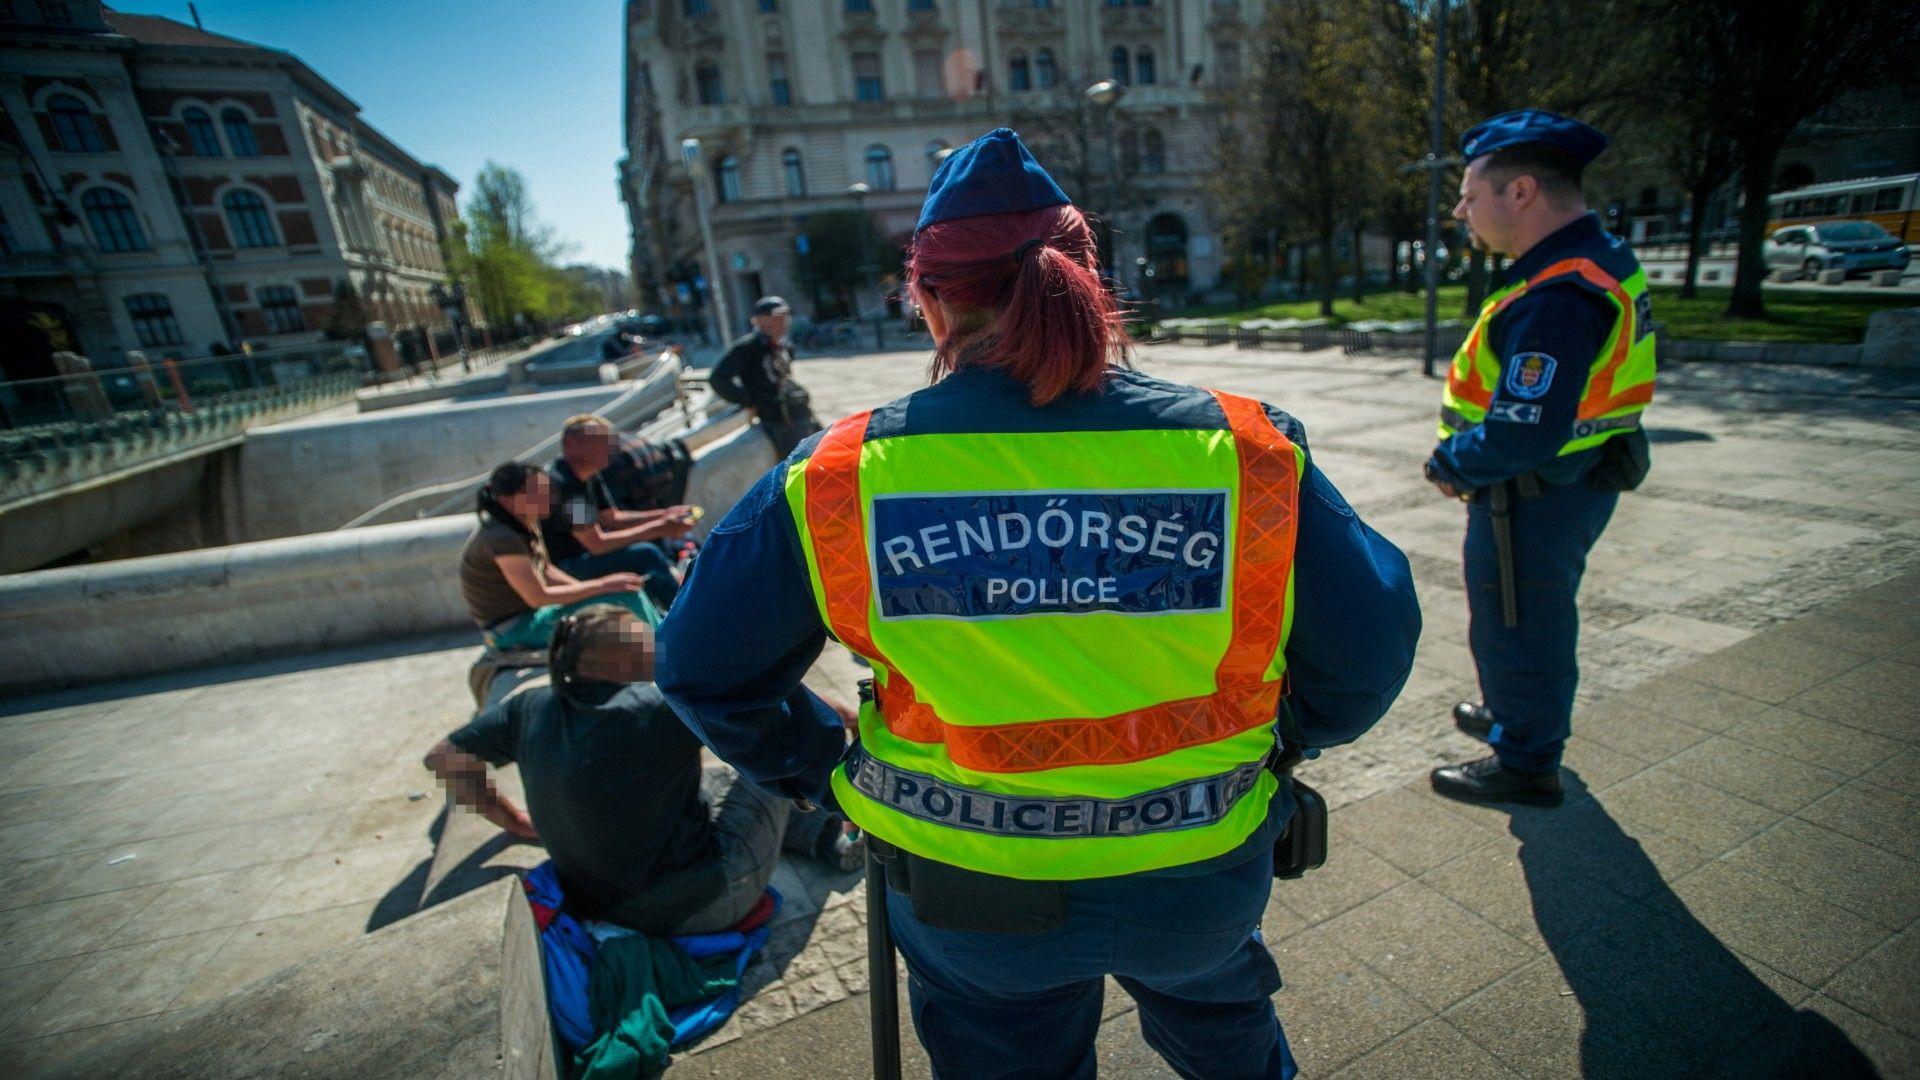 Rendőrök igazoltatás közben (MTI fotó: Balogh Zoltán)